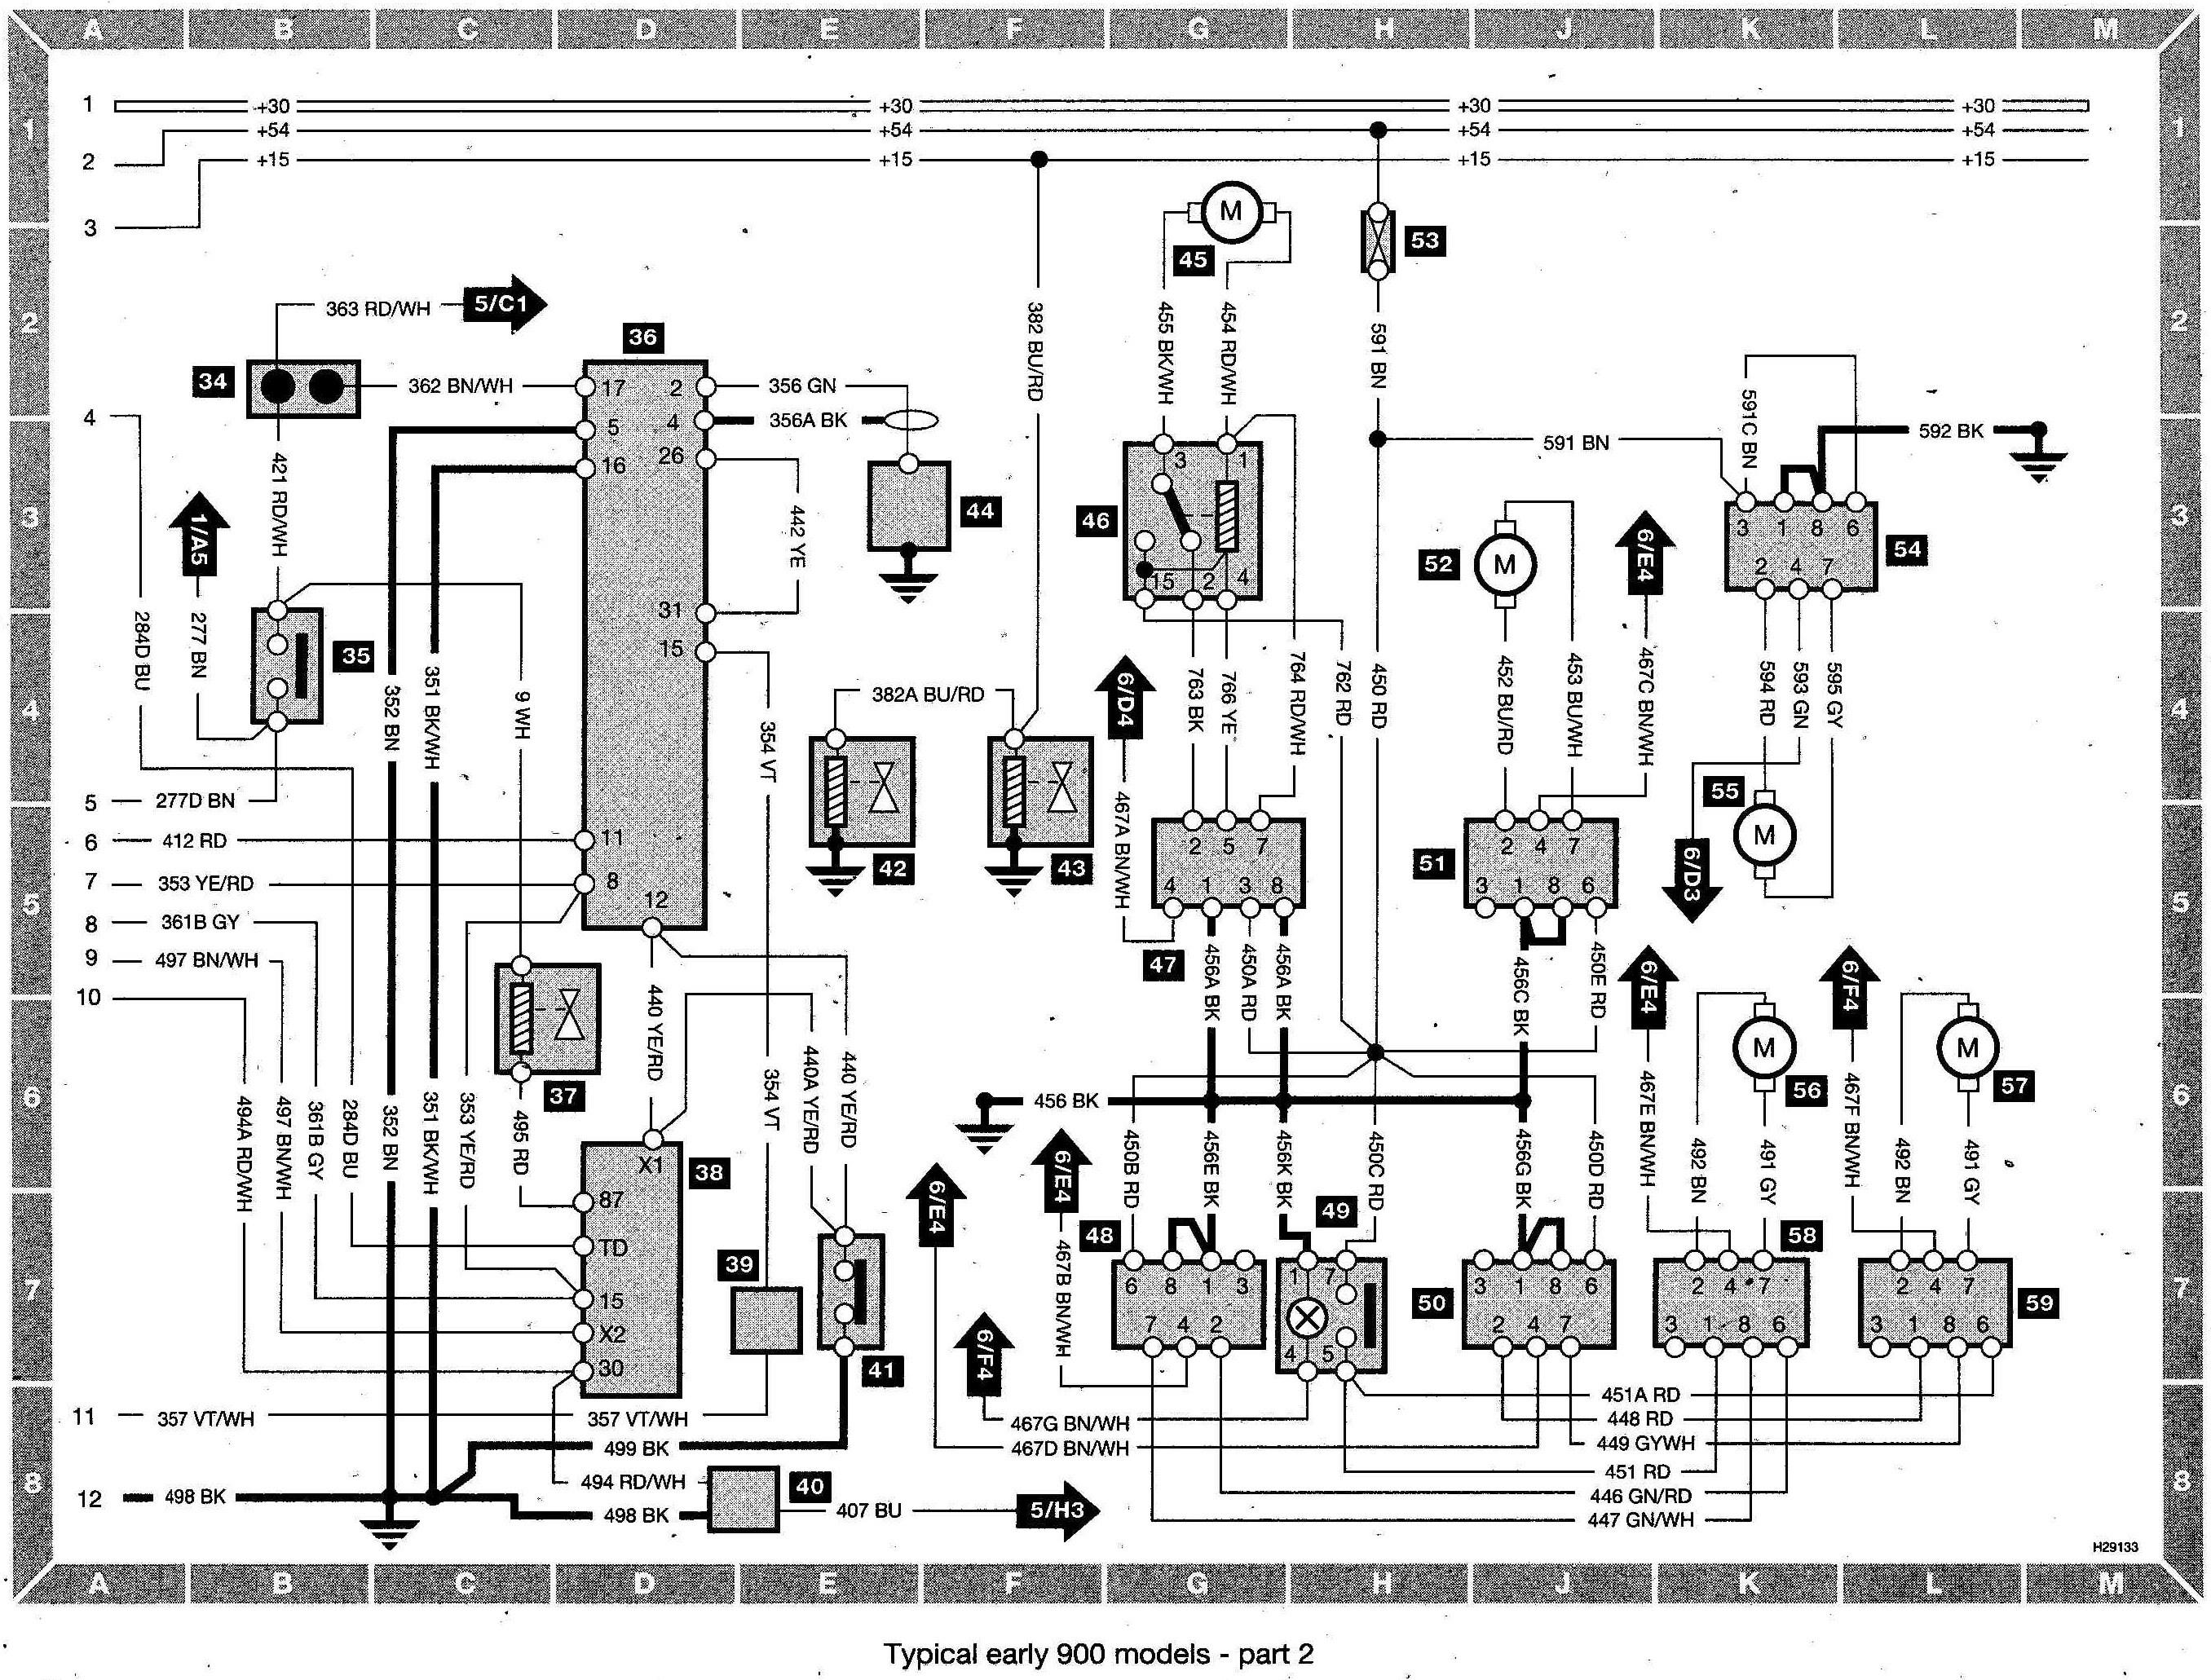 1992 saab 900 wiring harness gw 8105  1989 toyota land cruiser cooling fan wiring diagram  1989 toyota land cruiser cooling fan